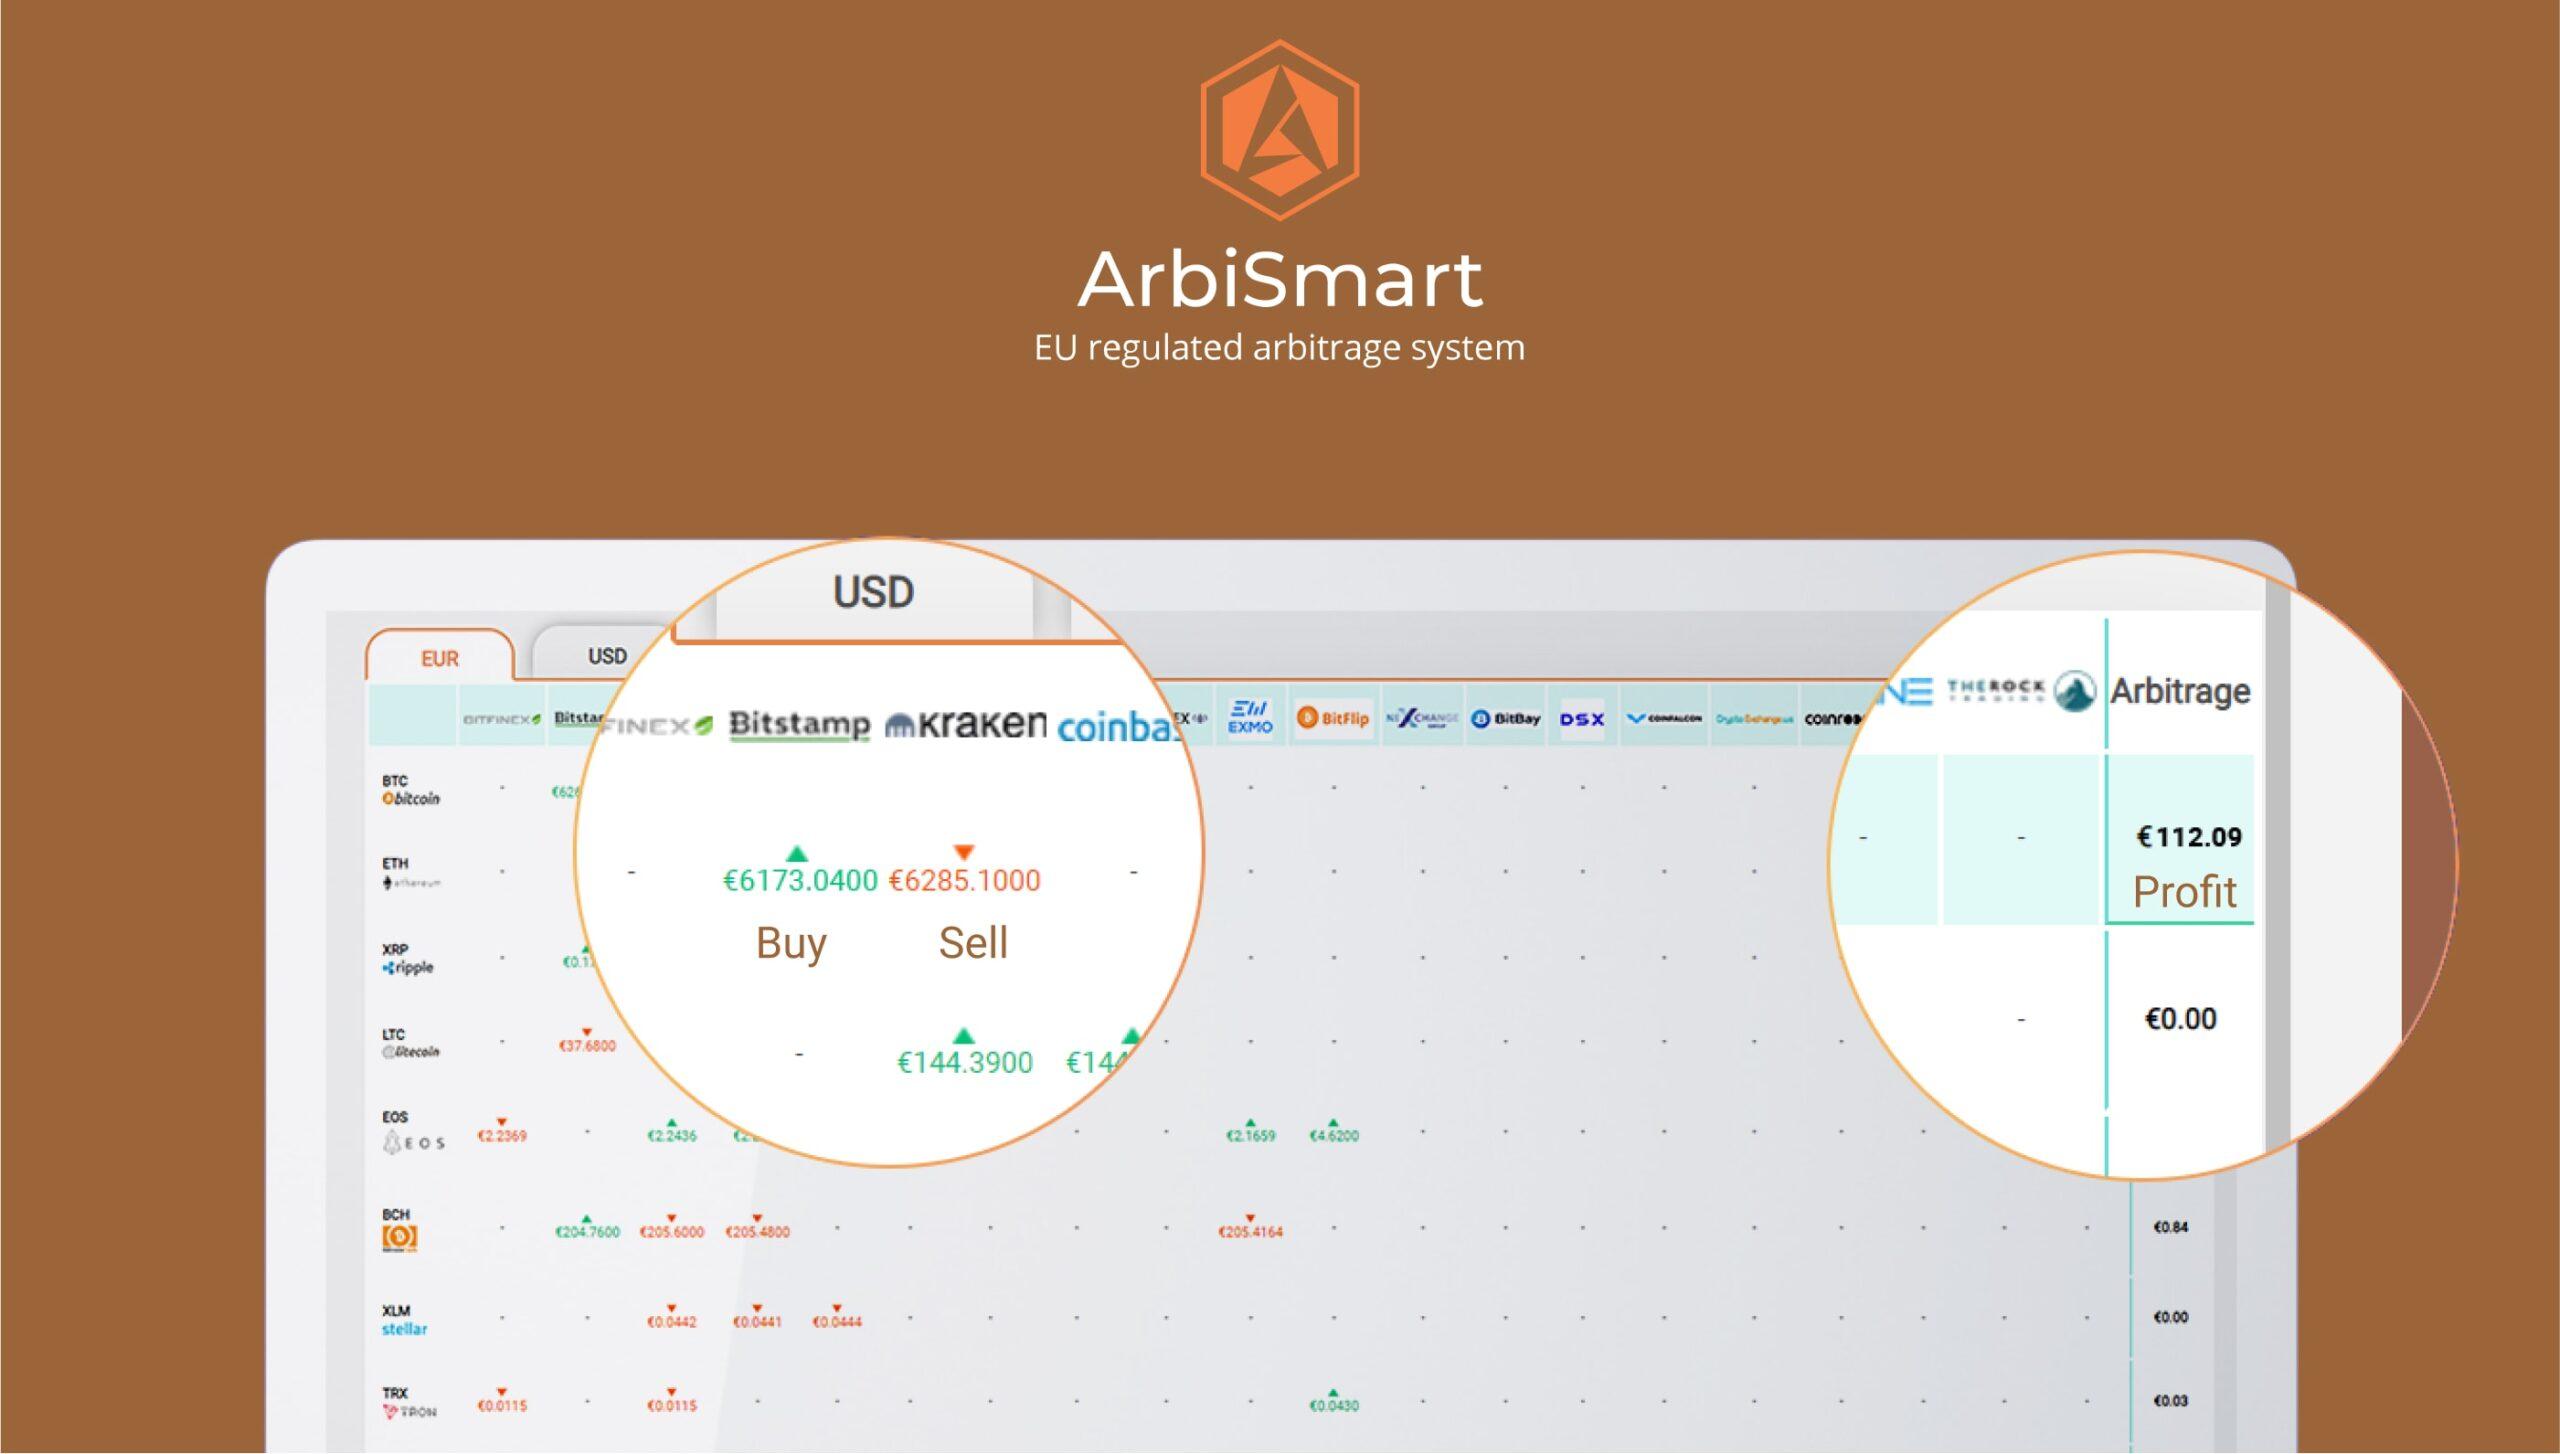 arbismart platform